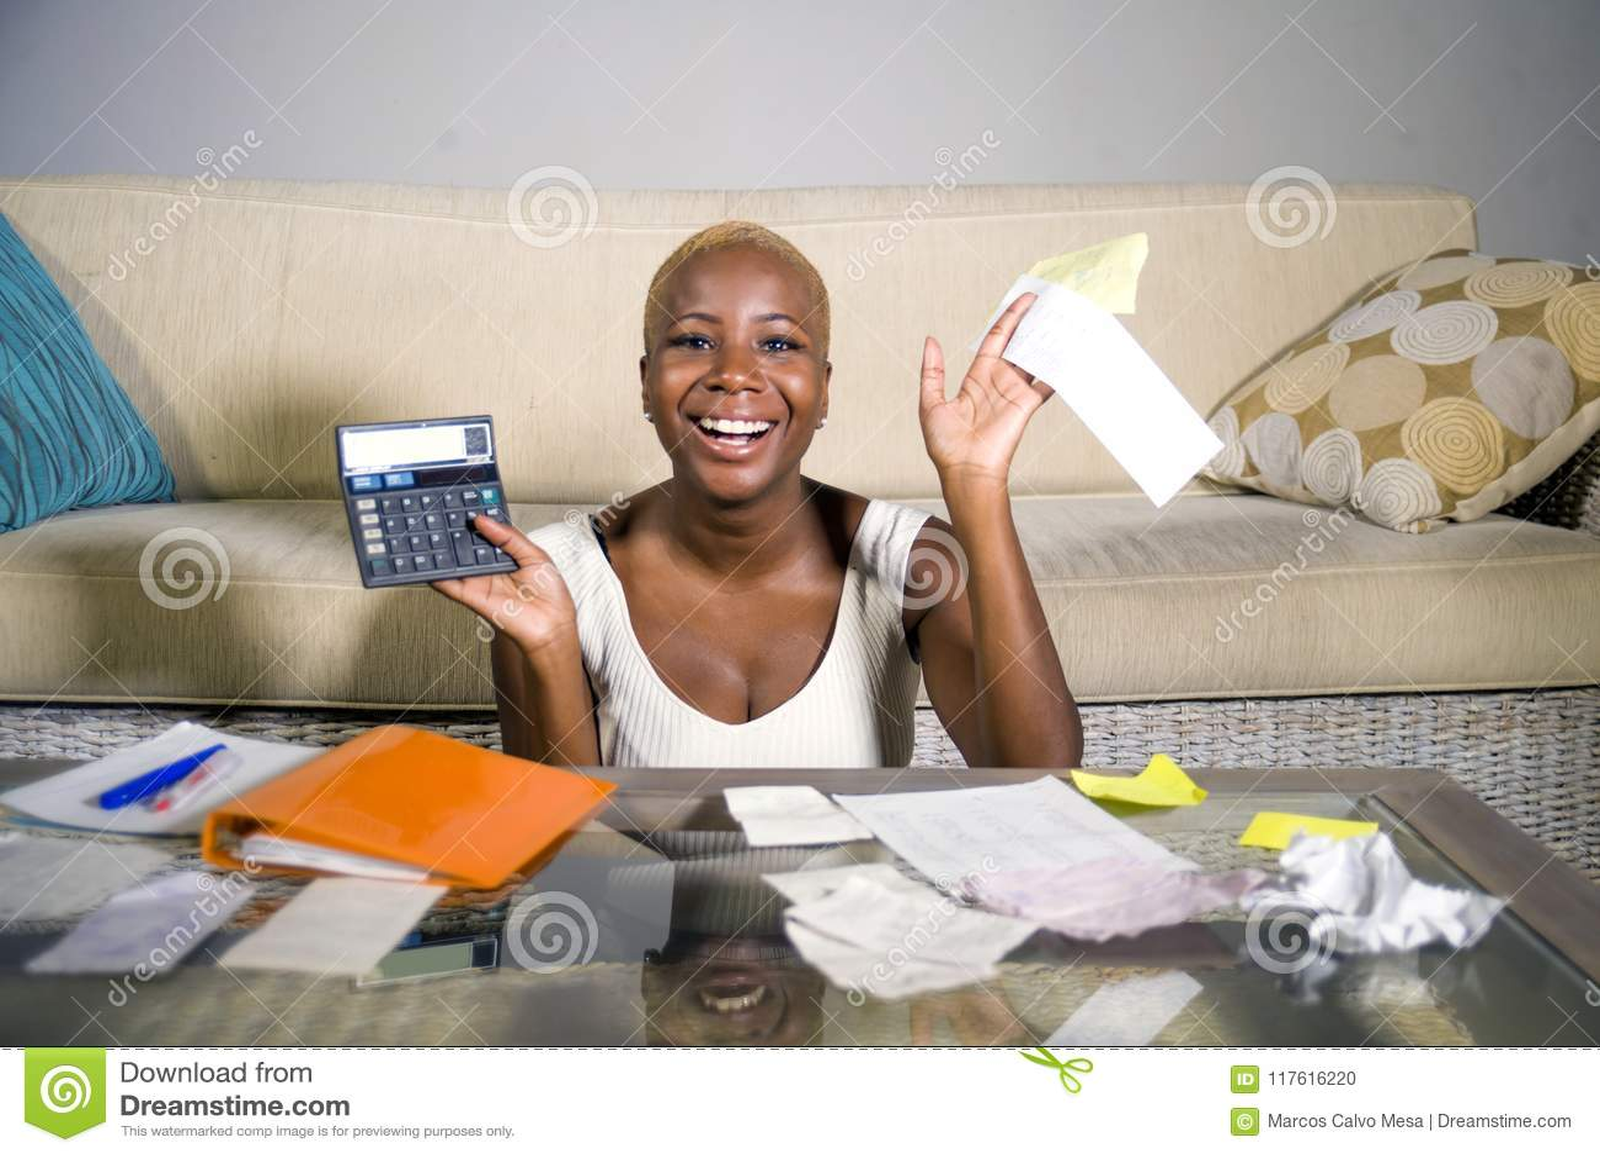 Jeunes impôt sur les sociétés et paiements domestiques satisfaisants de sourire de comptabilité de femme afro-américaine noire ré